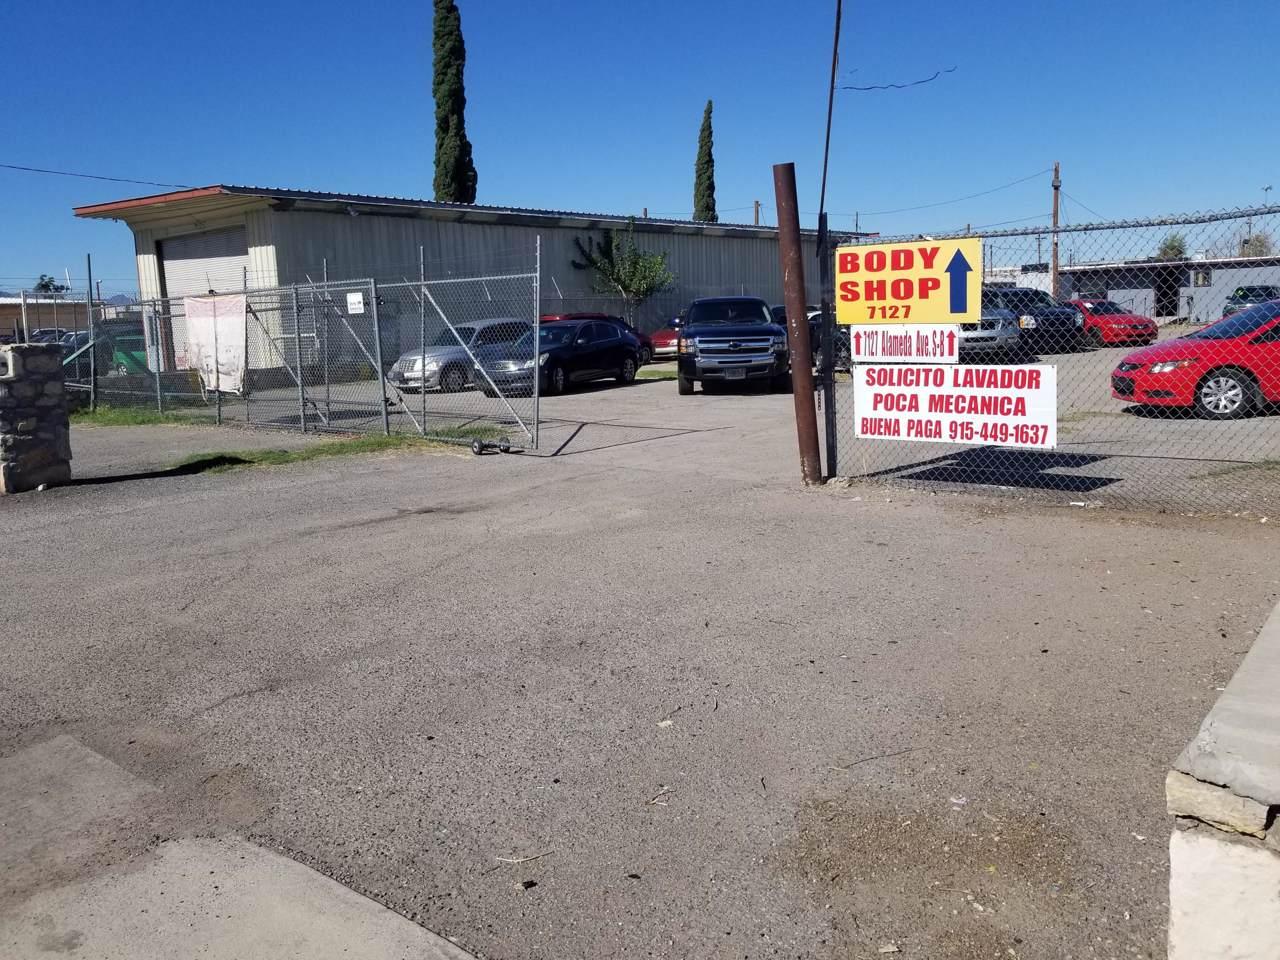 7127 Alameda Avenue - Photo 1